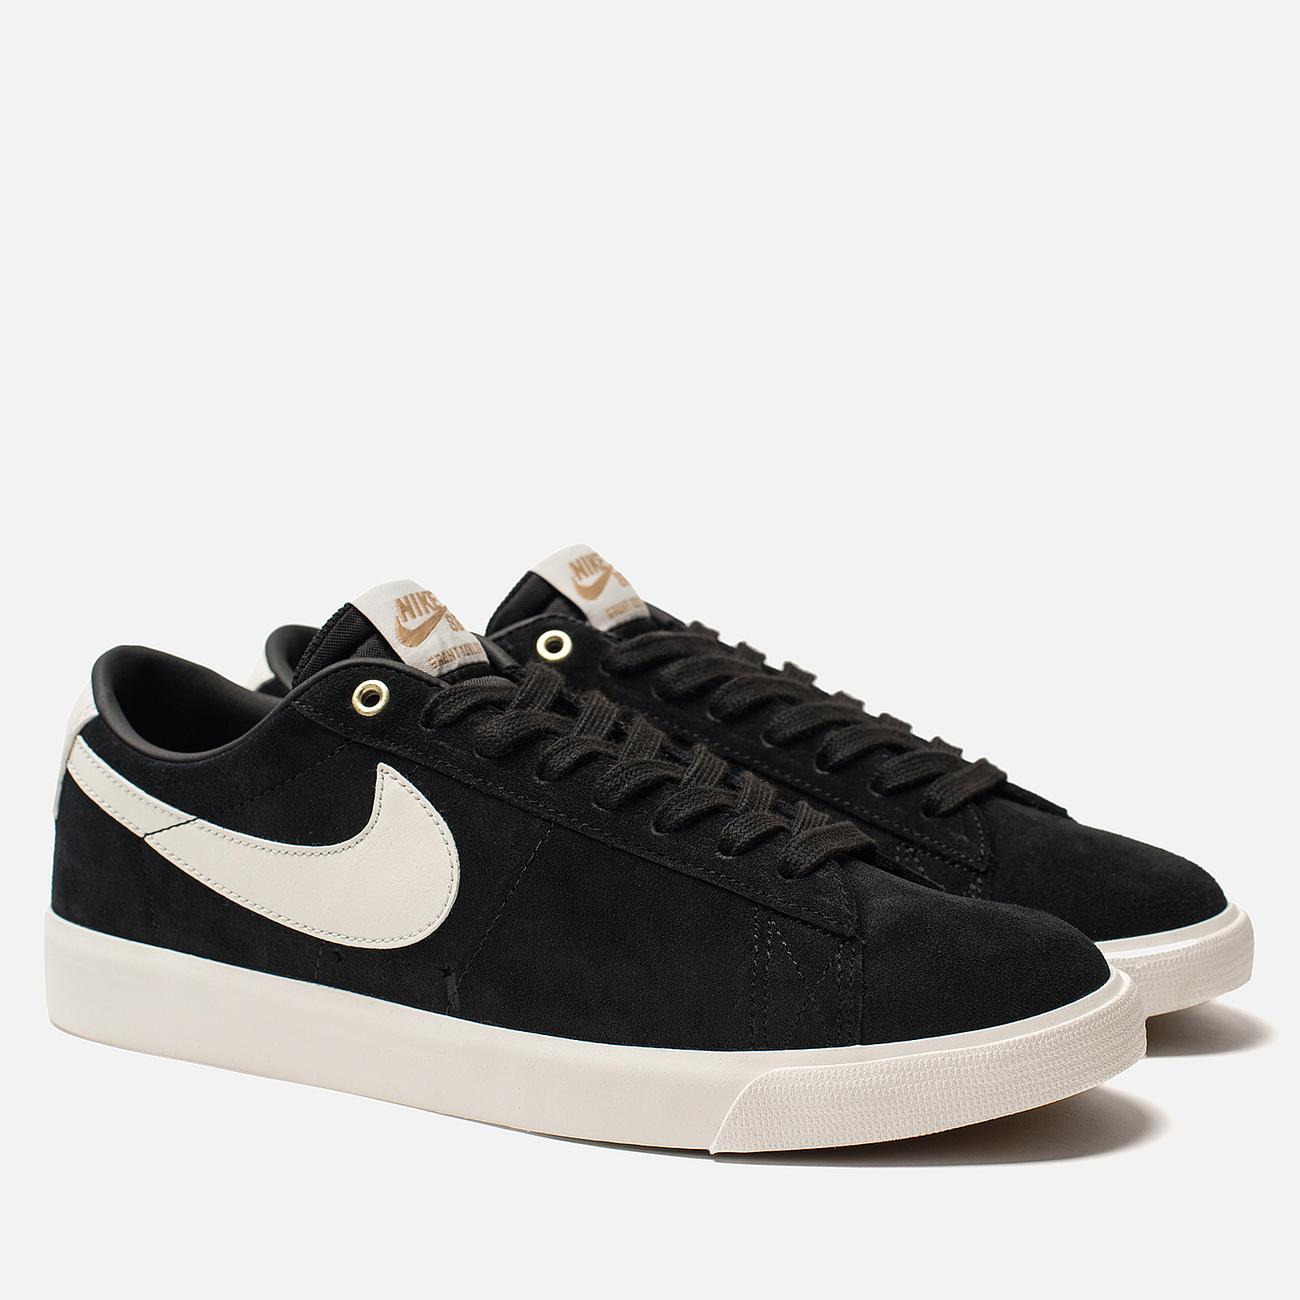 Мужские кроссовки Nike SB Blazer Low GT Black Sail/White